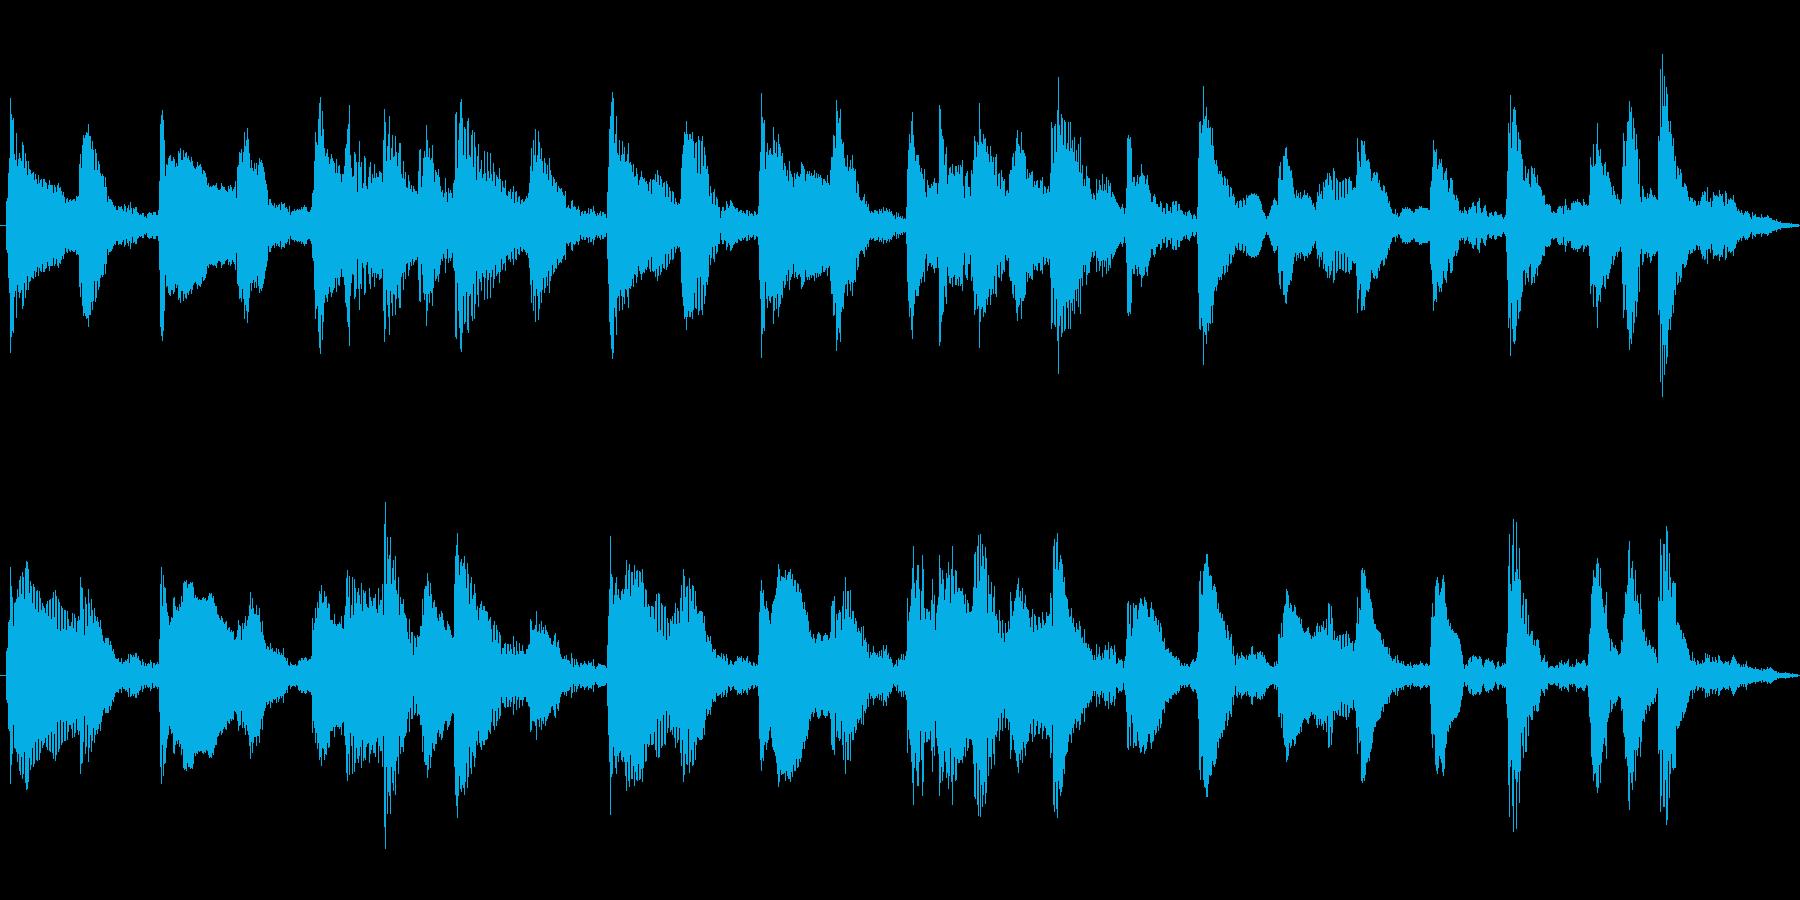 赤ちゃんが遊ぶほのぼのCM向けピアノ曲の再生済みの波形